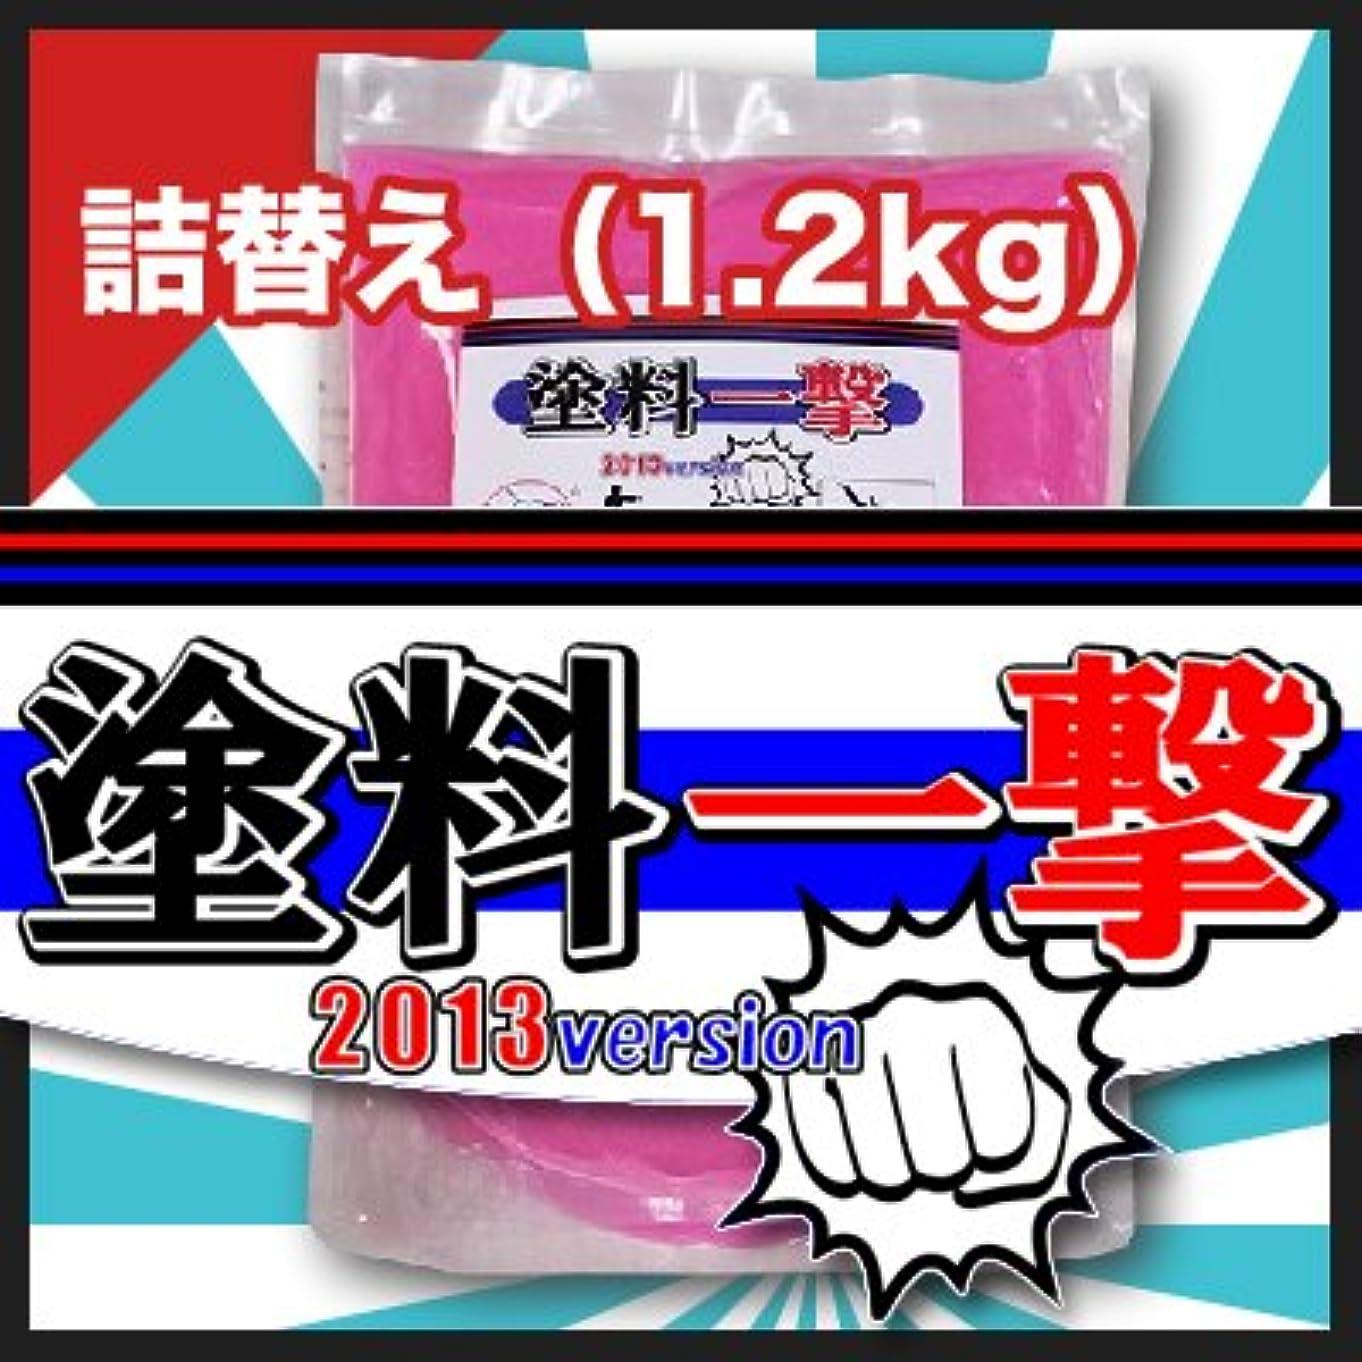 マトン命令右D.Iプランニング 塗料一撃 2013 Version 詰め替え (1.2kg)